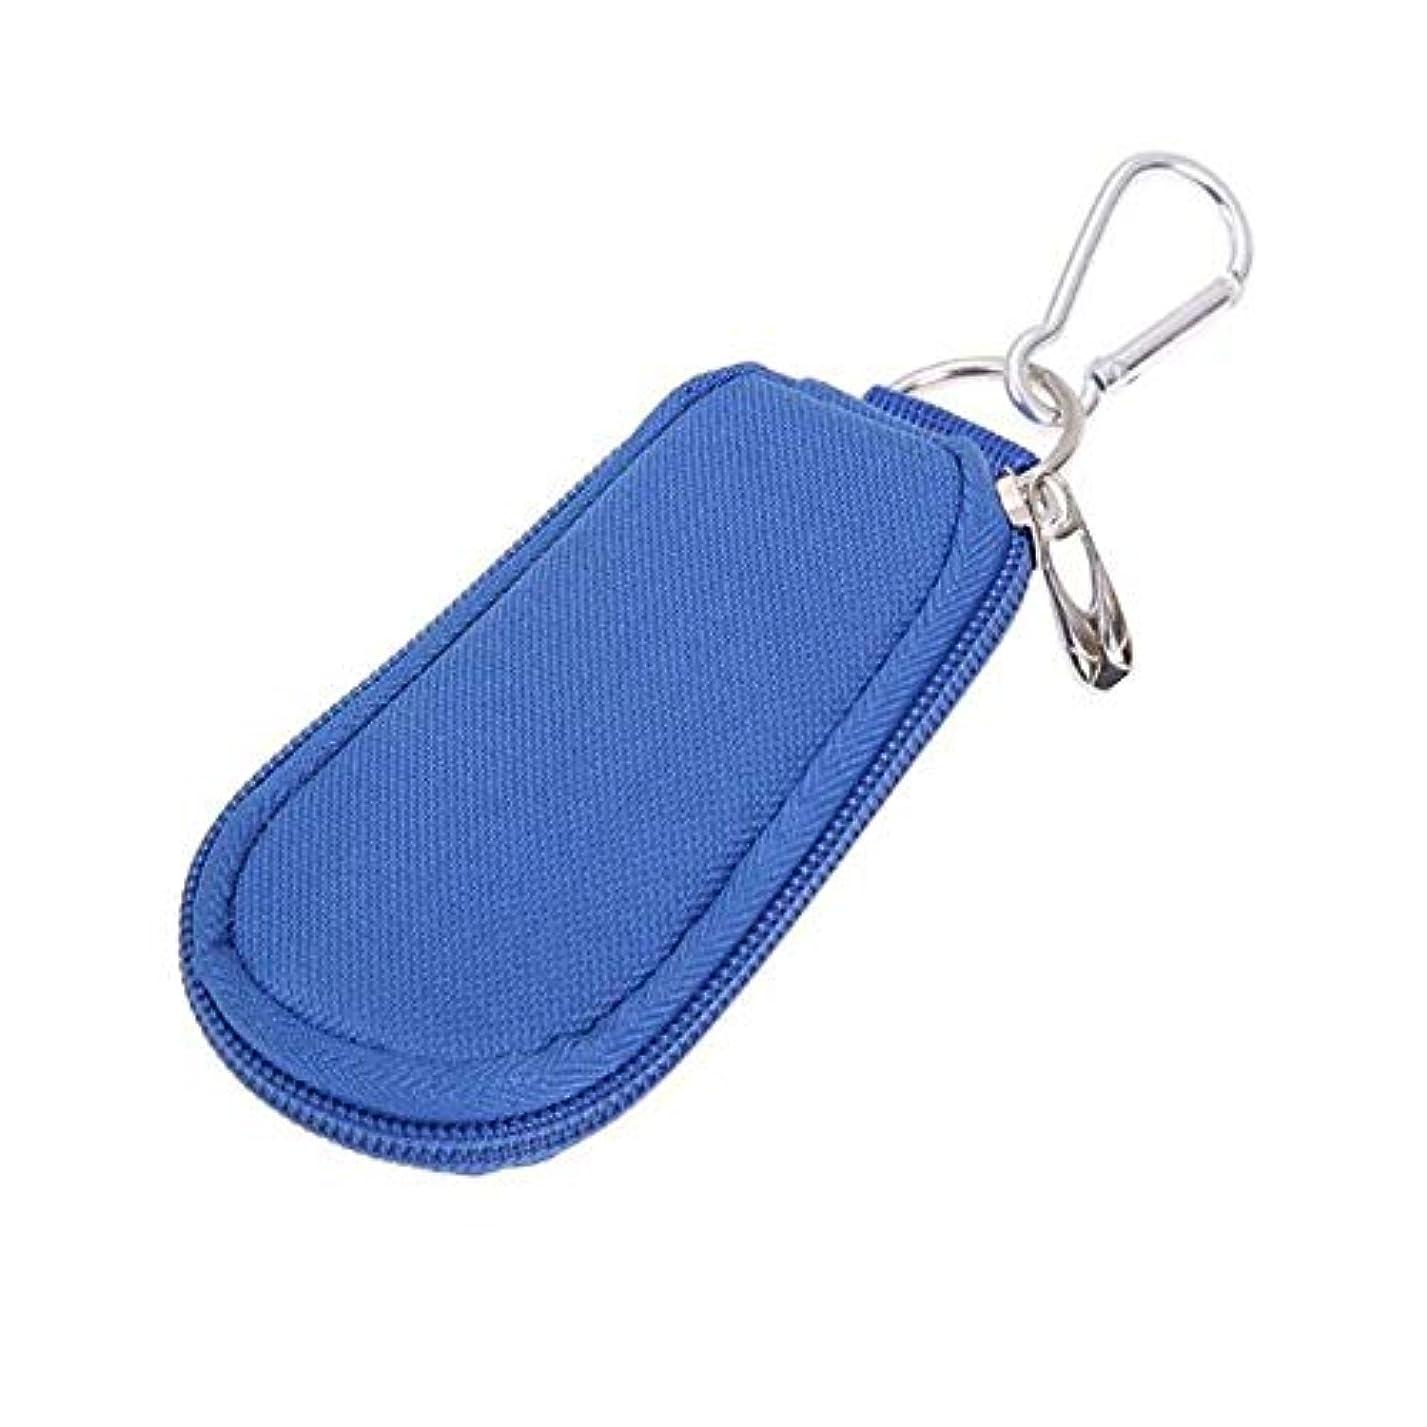 サンダース狂ったトレードエッセンシャルオイルストレージボックス エッセンシャルオイルストレージオーガナイザーブルー走行用1-3MLエッセンシャルオイルバッグパーフェクトを開催します 旅行およびプレゼンテーション用 (色 : 青, サイズ : 11.5X6.5X1.5CM)